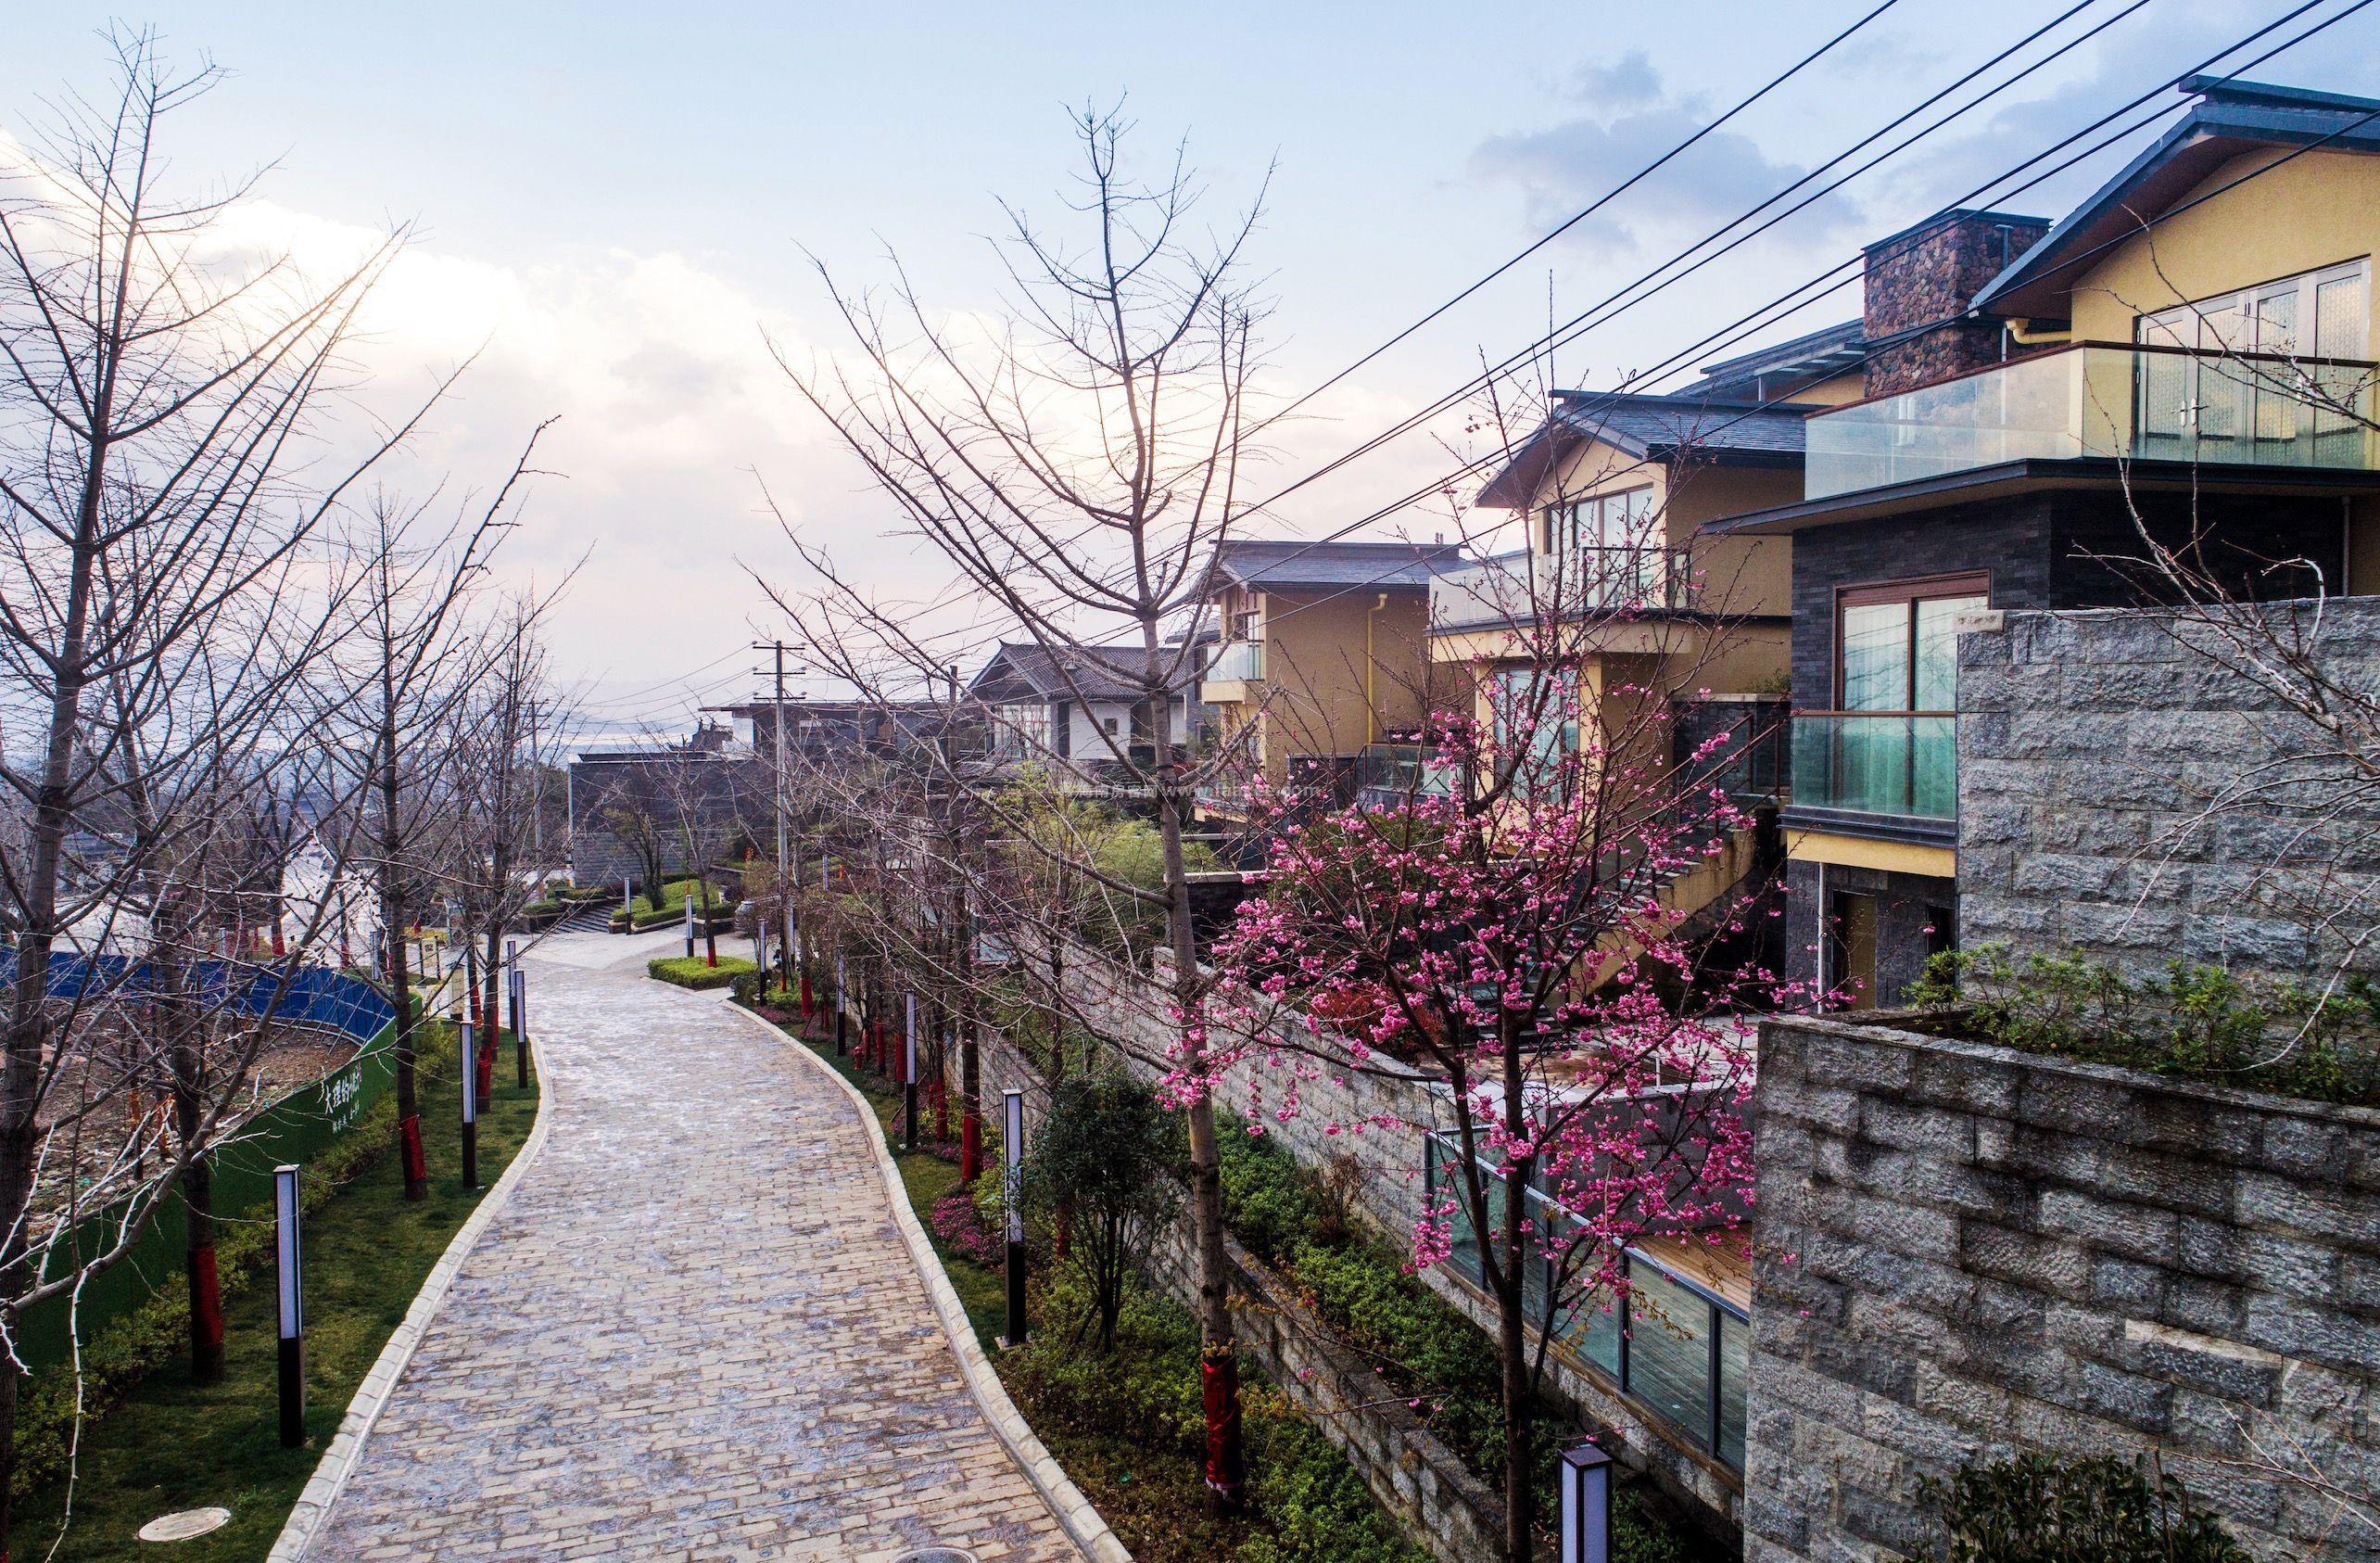 大理的小院子北区推出购房优惠活动,全款优惠15%,按揭优惠9%